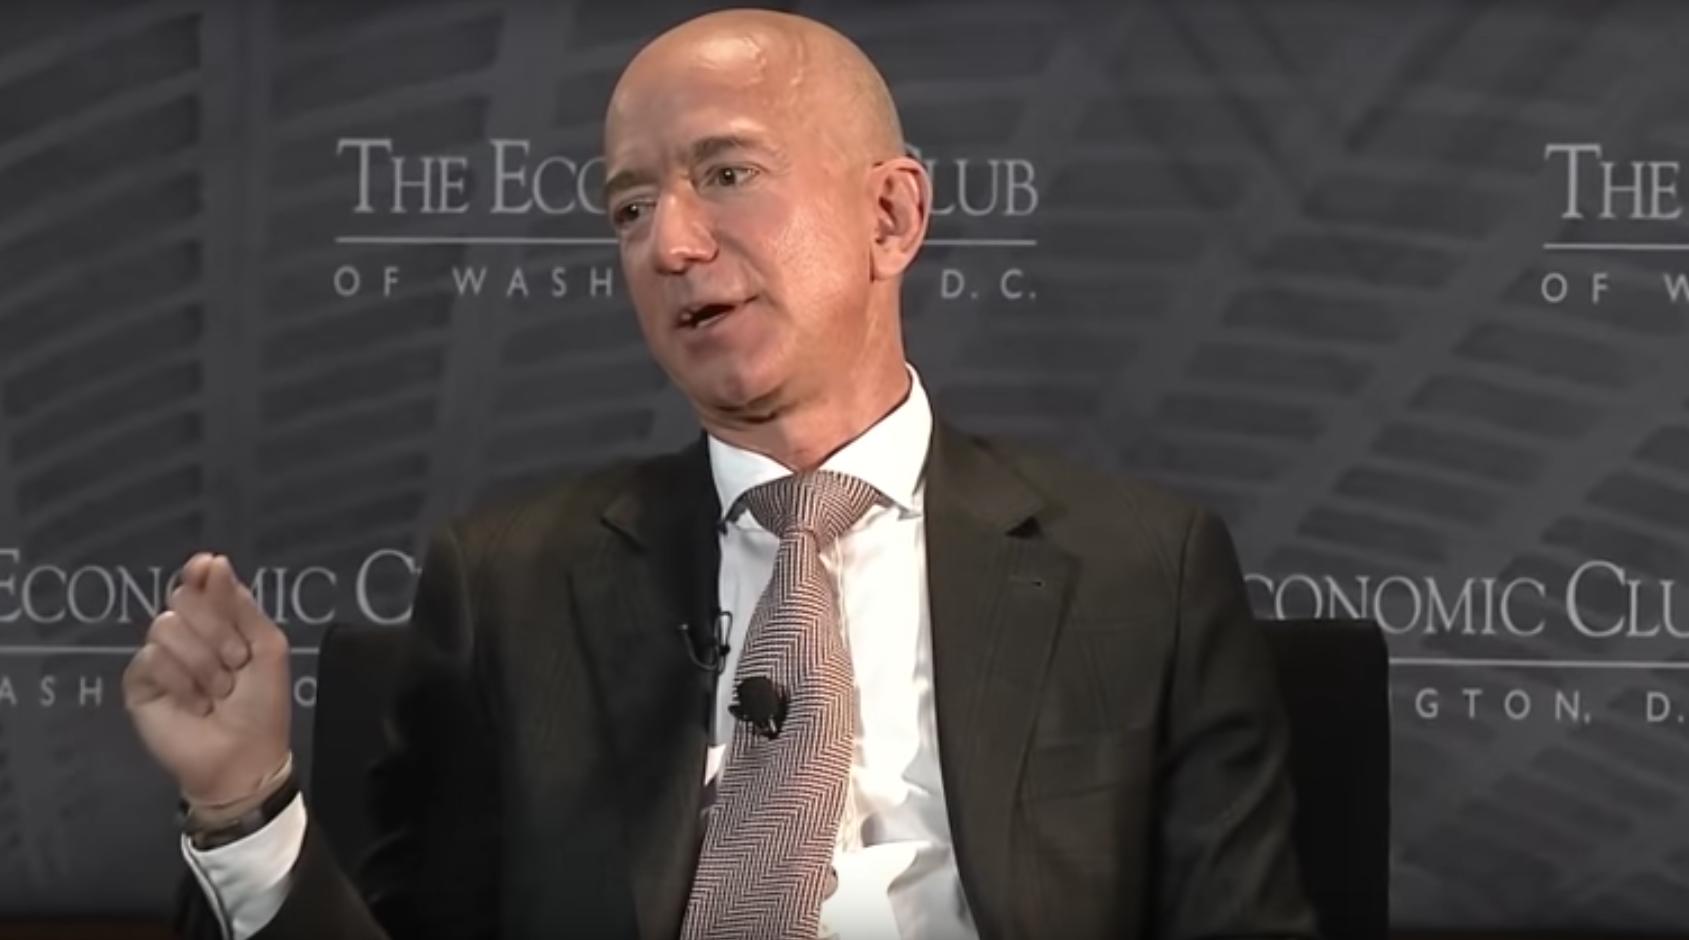 En The Economic Club de Washington DC, el CEO de Amazon anunciósu Fondo Primer Día.